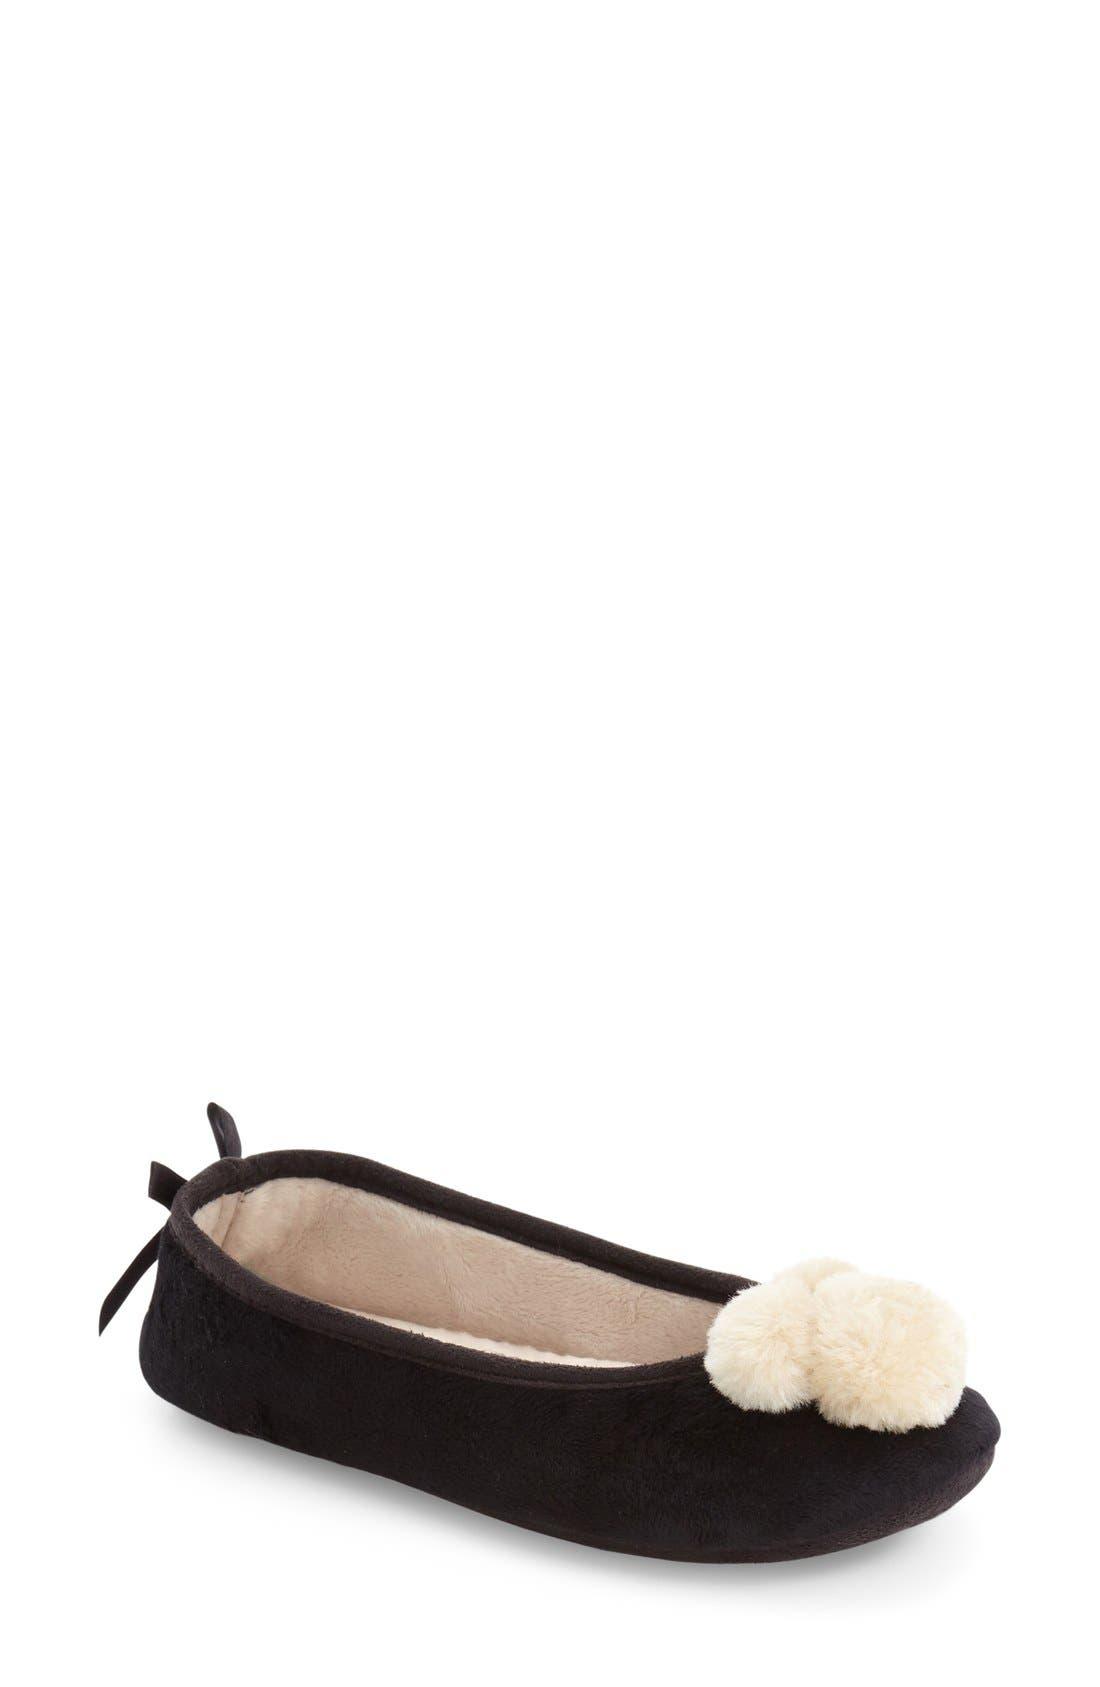 Pom Pom Slipper,                         Main,                         color, Black Fabric